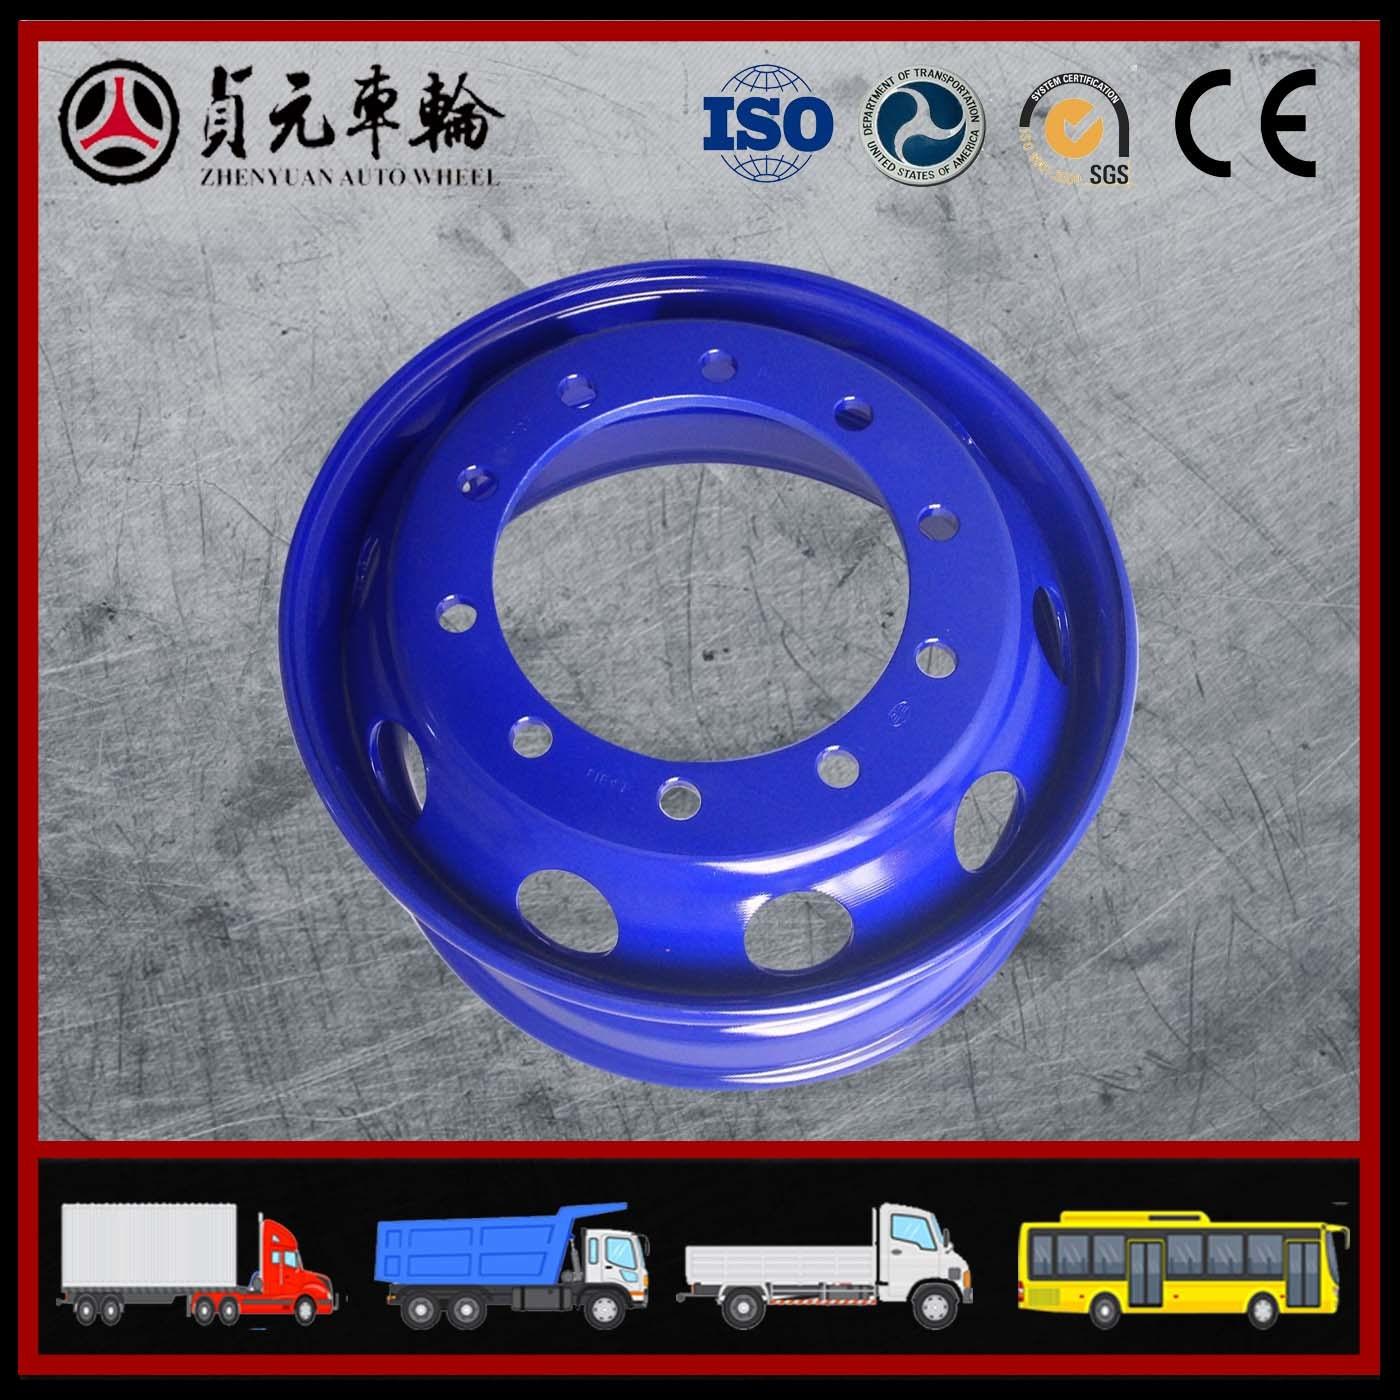 Zhenyuan Auto Wheel Tubeless Wheel (7.50*22.5)